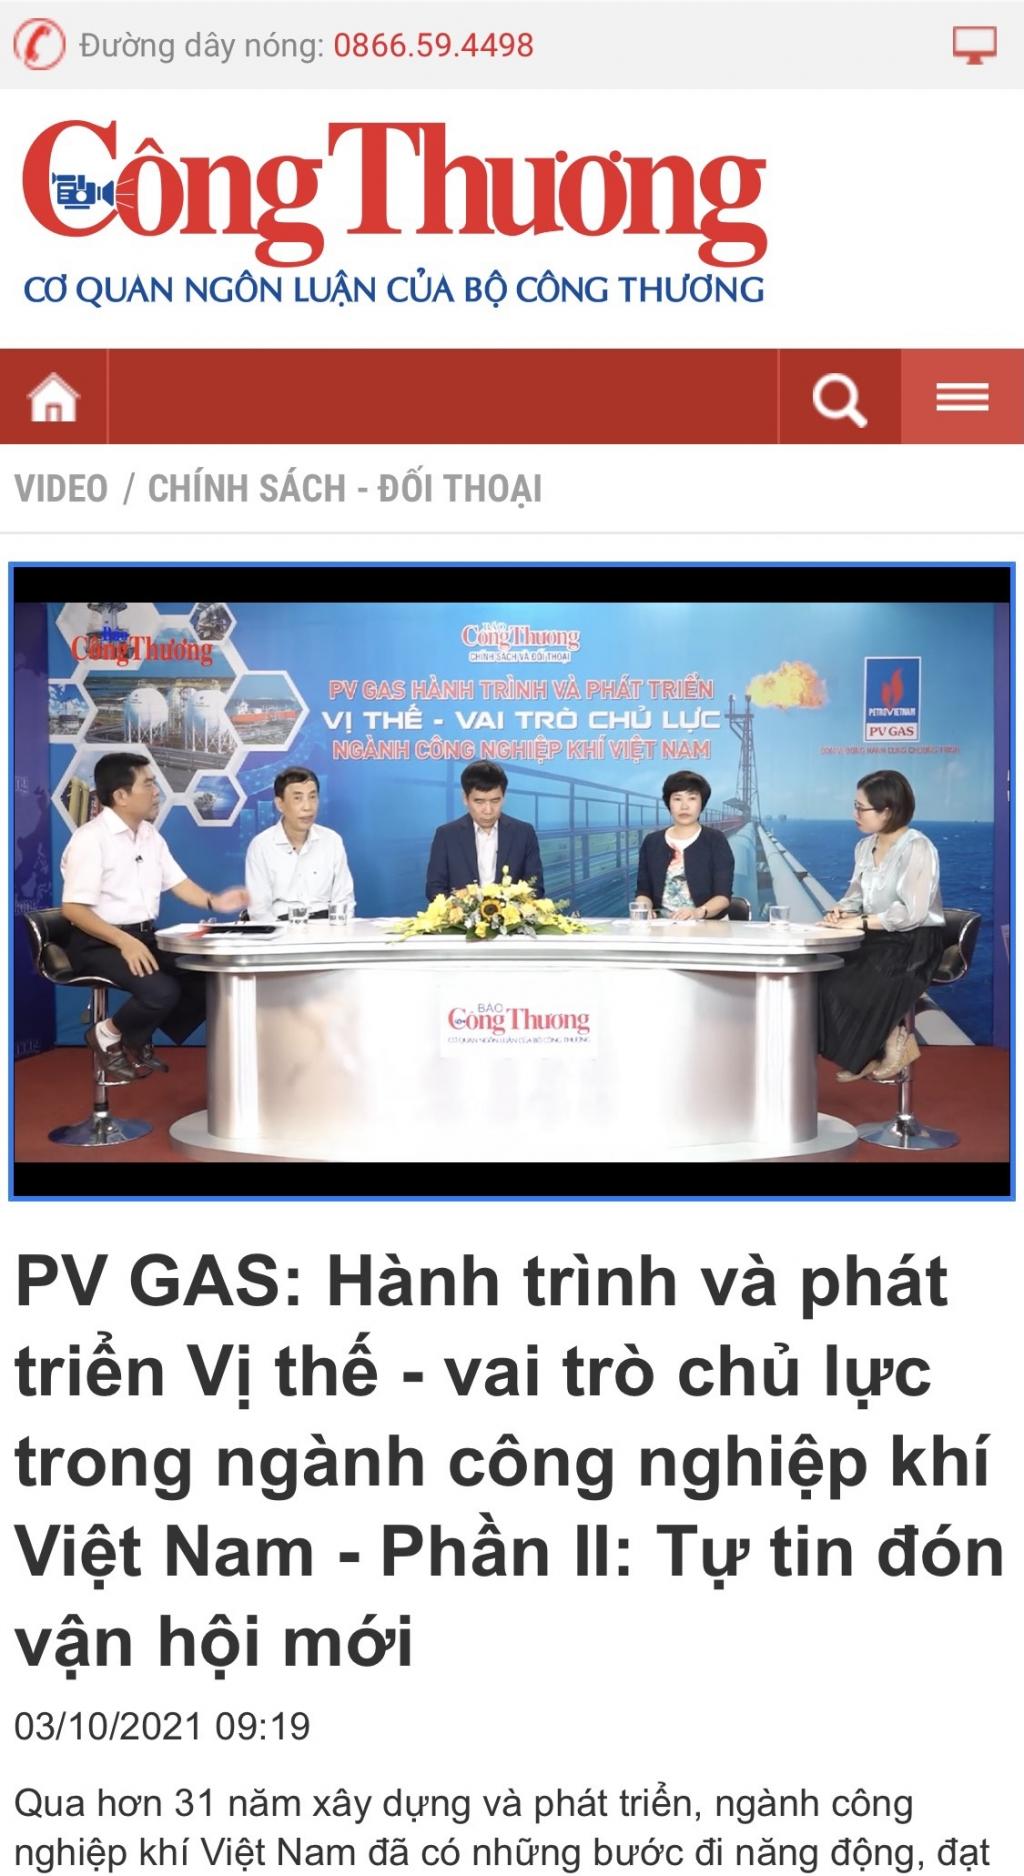 Giao diện Tọa đàm về PV GAS trên Báo Công Thương online